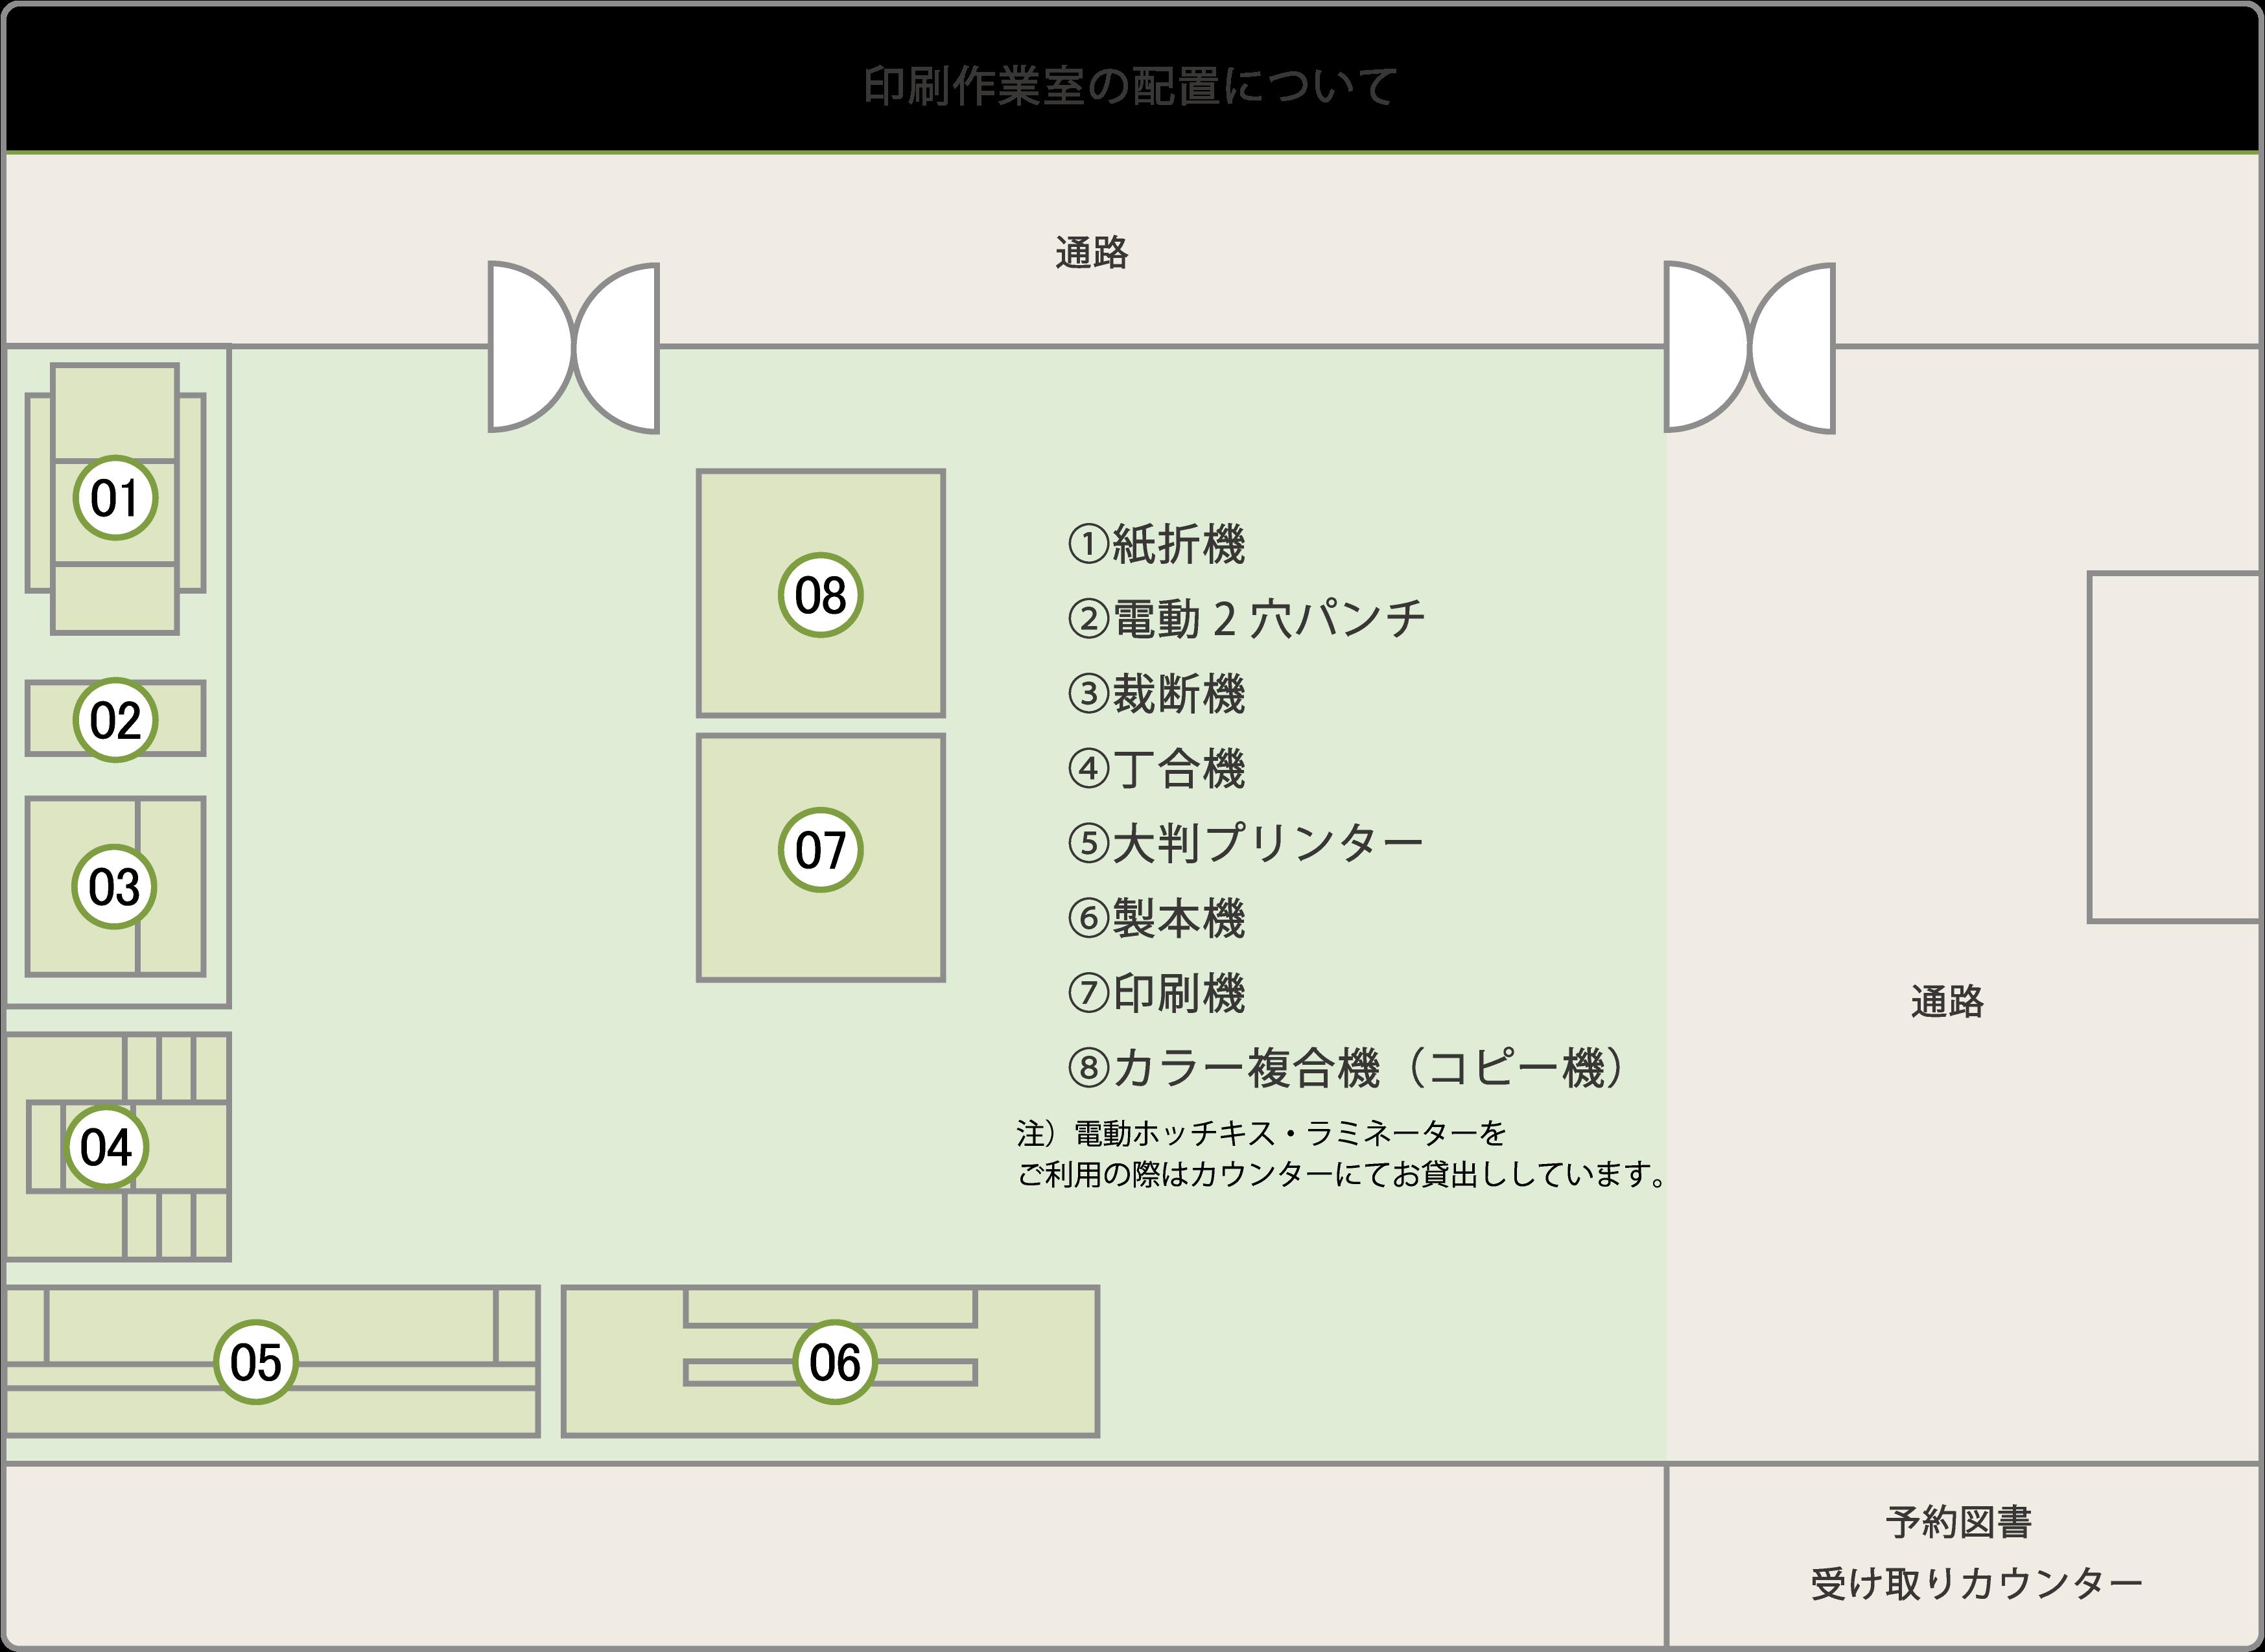 印刷作業室の配置について